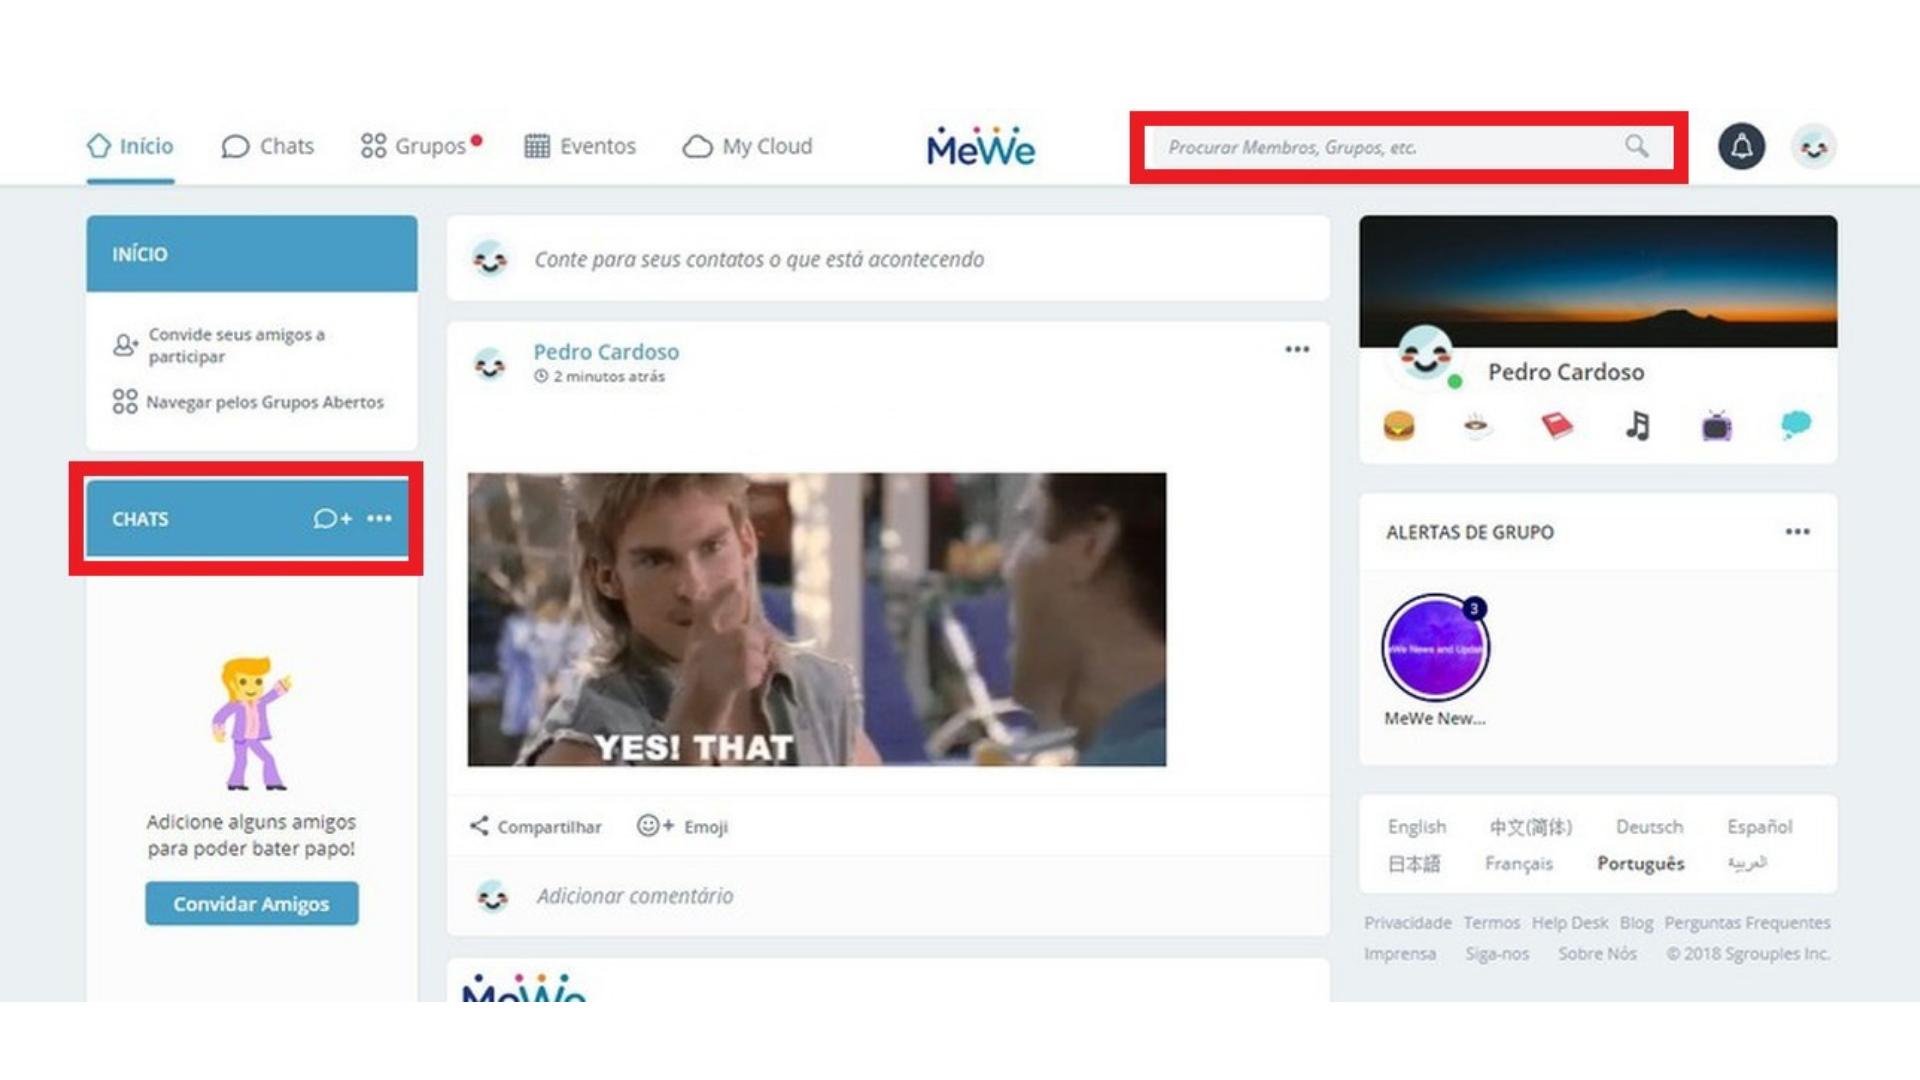 """Print da homepage da MeWe, com as áreas """"Chats"""" e a barra de pesquisa destacadas em vermelho."""